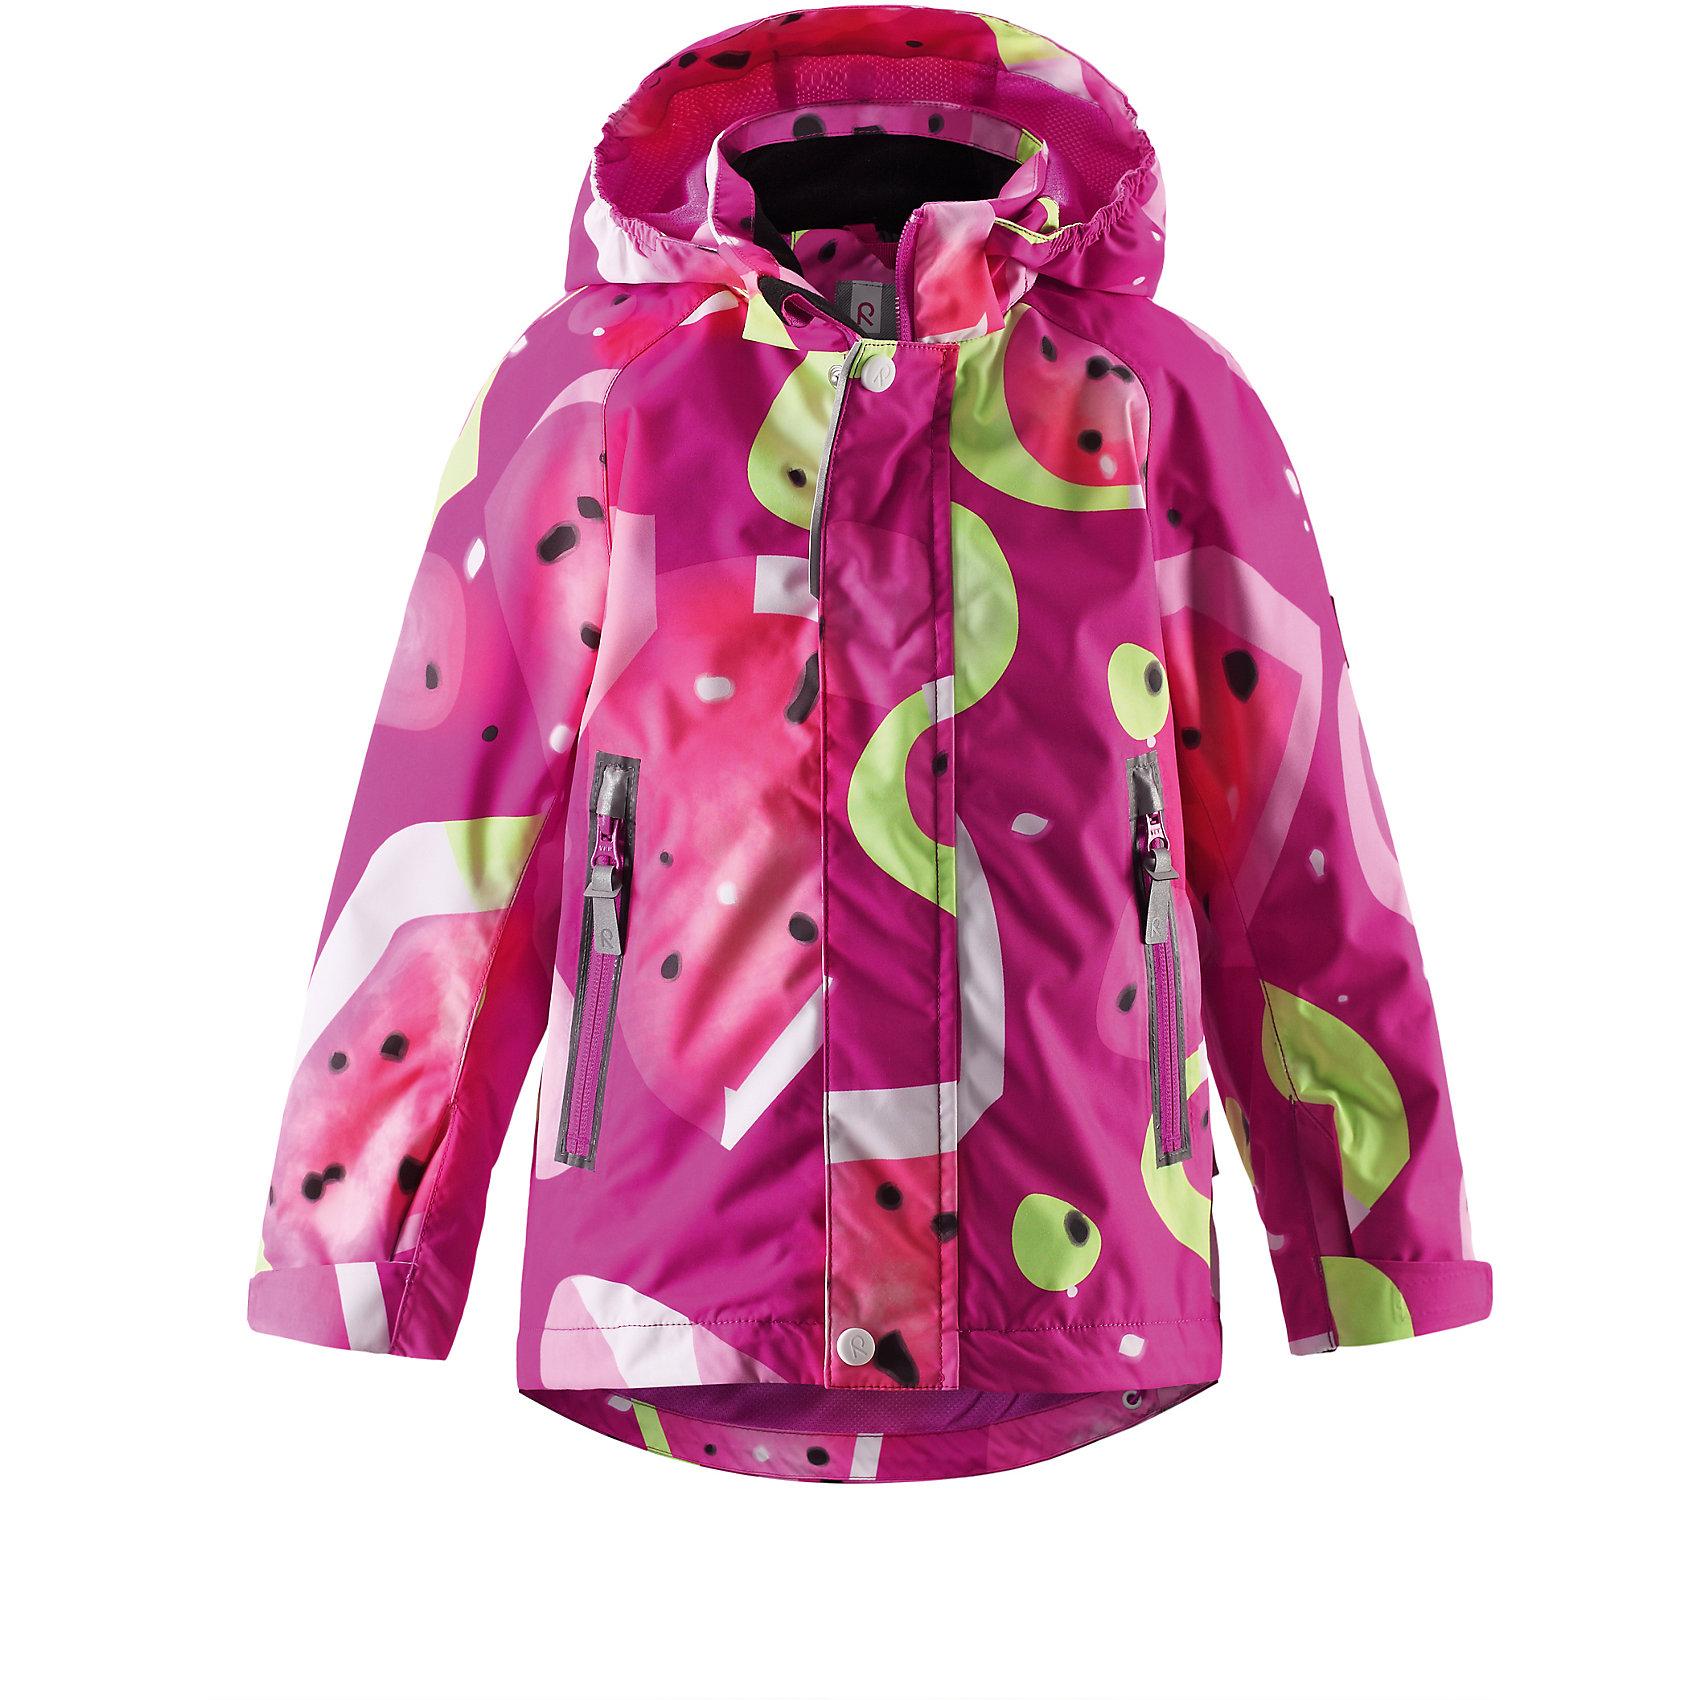 Куртка для девочки Reimatec ReimaДемисезонная куртка для детей рассчитана на круглогодичное использование, будь то дождь или солнечная погода, просто в холодную погоду необходимо добавить несколько слоев Reima®. Обратите внимание, что с удобной системой кнопочных застежек Play Layers® можно легко пристегнуть к куртке несколько слоев Reima® для создания дополнительного тепла и комфорта. Сетчатая подкладка куртки из качественного, водонепроницаемого и дышащего материала добавляет комфорта. Съемный капюшон и светоотражающие детали обеспечивают безопасность во время активных игр на воздухе, а карманы на молнии гарантируют идеальное хранение наиболее ценных для ребенка мелочей.<br><br>Дополнительная информация:<br><br>Куртка демисезонная для детей<br>Все швы проклеены и водонепроницаемы<br>Водо- и ветронепроницаемый, «дышащий» и грязеотталкивающий материал<br>Подкладка из mesh-сетки<br>Безопасный, отстегивающийся и регулируемый капюшон<br>Регулируемые манжеты и подол<br>Два кармана на молнии<br>Безопасные светоотражающие детали<br>Состав:<br>100% ПЭ, ПУ-покрытие<br>Уход:<br>Стирать по отдельности, вывернув наизнанку. Застегнуть молнии и липучки. Стирать моющим средством, не содержащим отбеливающие вещества. Полоскать без специального средства. Во избежание изменения цвета изделие необходимо вынуть из стиральной машинки незамедлительно после окончания программы стирки. Можно сушить в сушильном шкафу или центрифуге (макс. 40° C).<br><br>Ширина мм: 356<br>Глубина мм: 10<br>Высота мм: 245<br>Вес г: 519<br>Цвет: розовый<br>Возраст от месяцев: 96<br>Возраст до месяцев: 108<br>Пол: Женский<br>Возраст: Детский<br>Размер: 134,140,122,104,110,116,128<br>SKU: 4497361